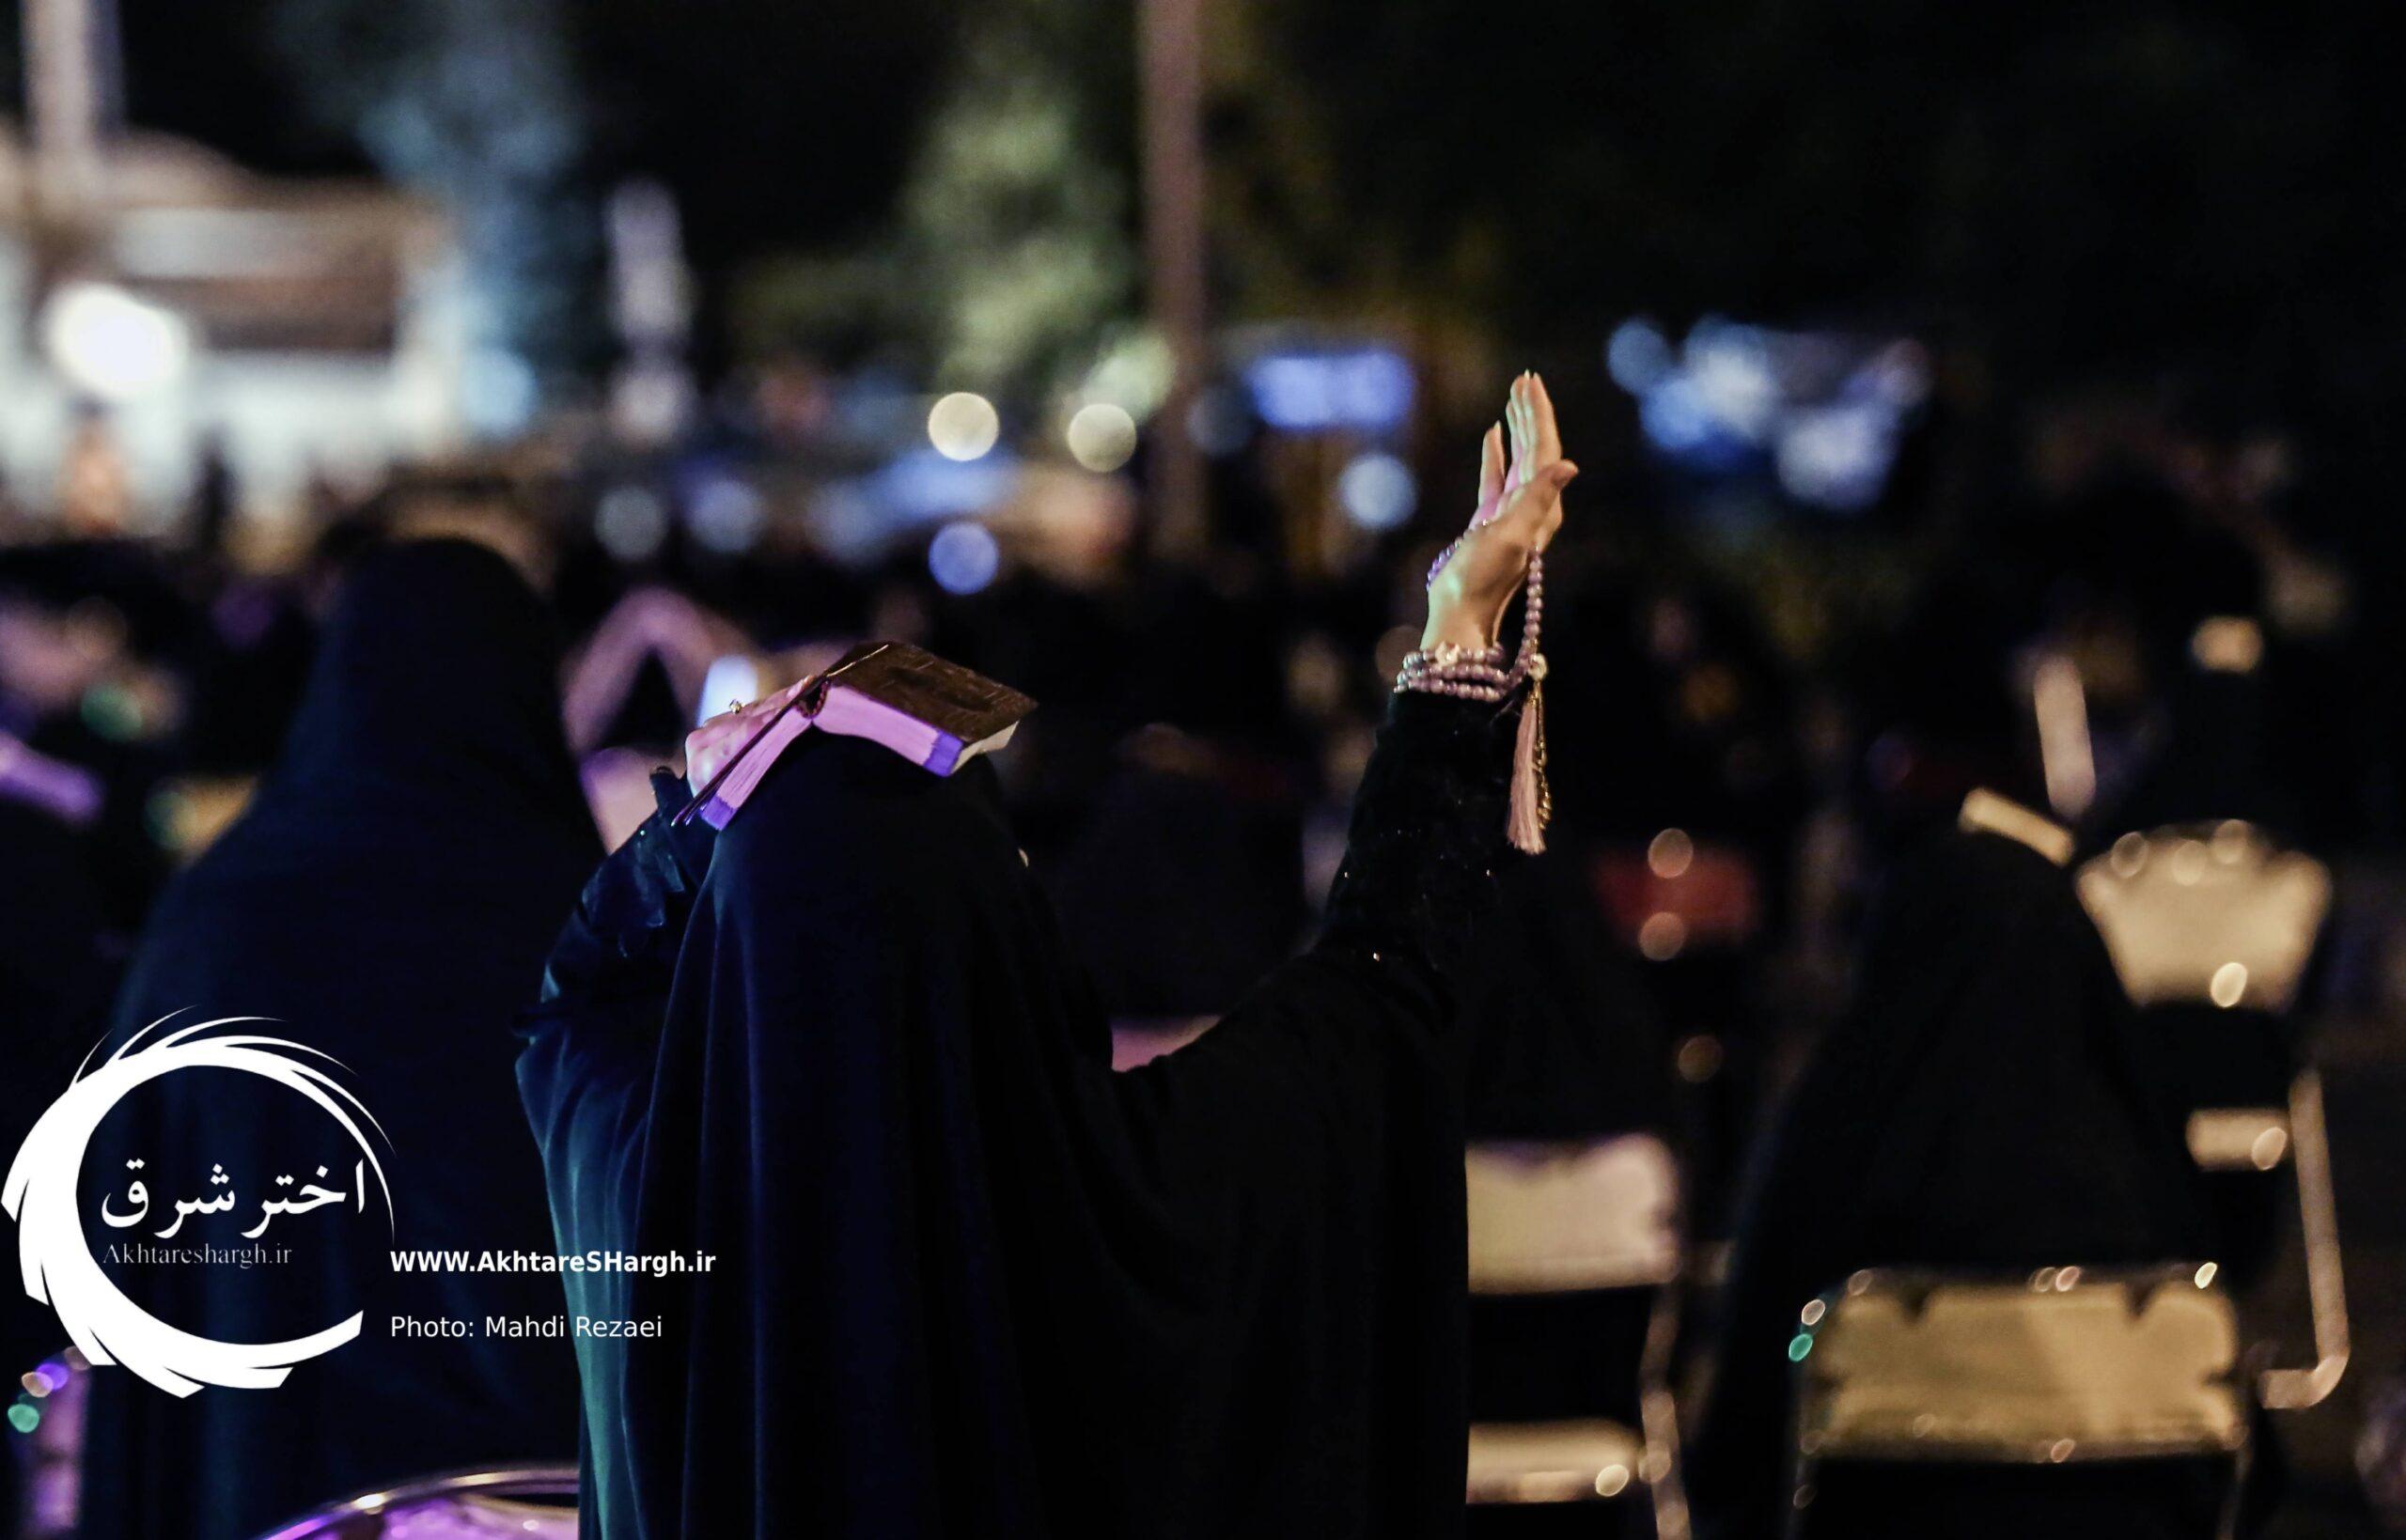 گزارش تصویری از برگزاری مراسم احیای شب بیست و یکم ماه رمضان در مشهد